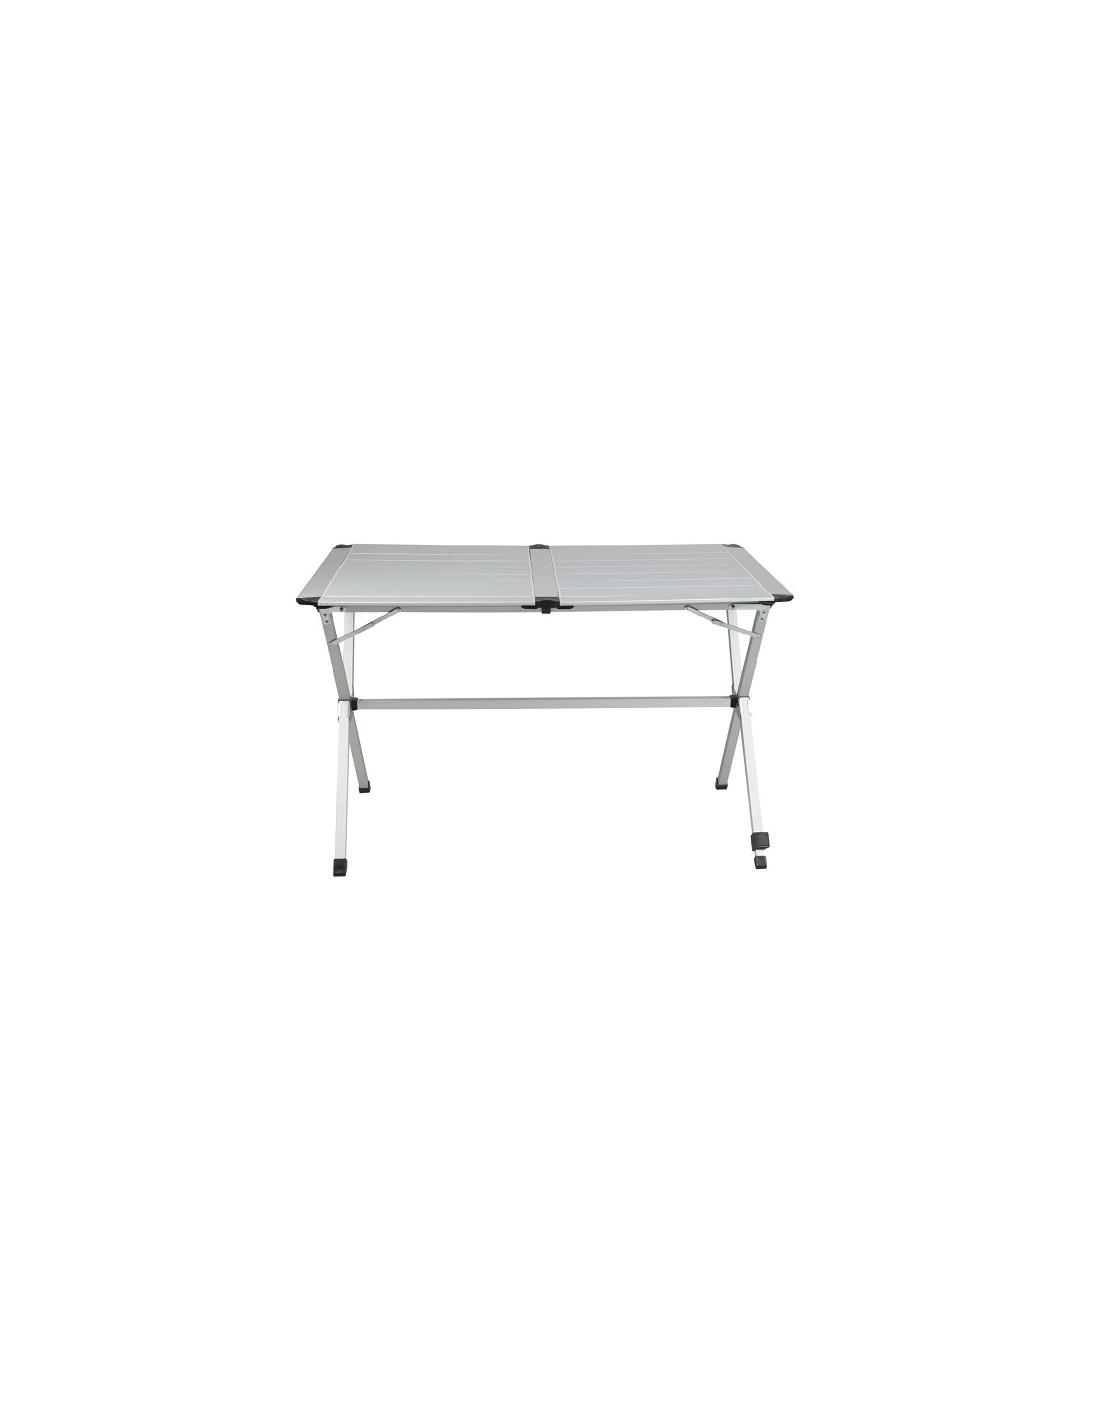 Mesa aluminio plegable 6 personas 140cm tienda de for Mesa de camping plegable de aluminio